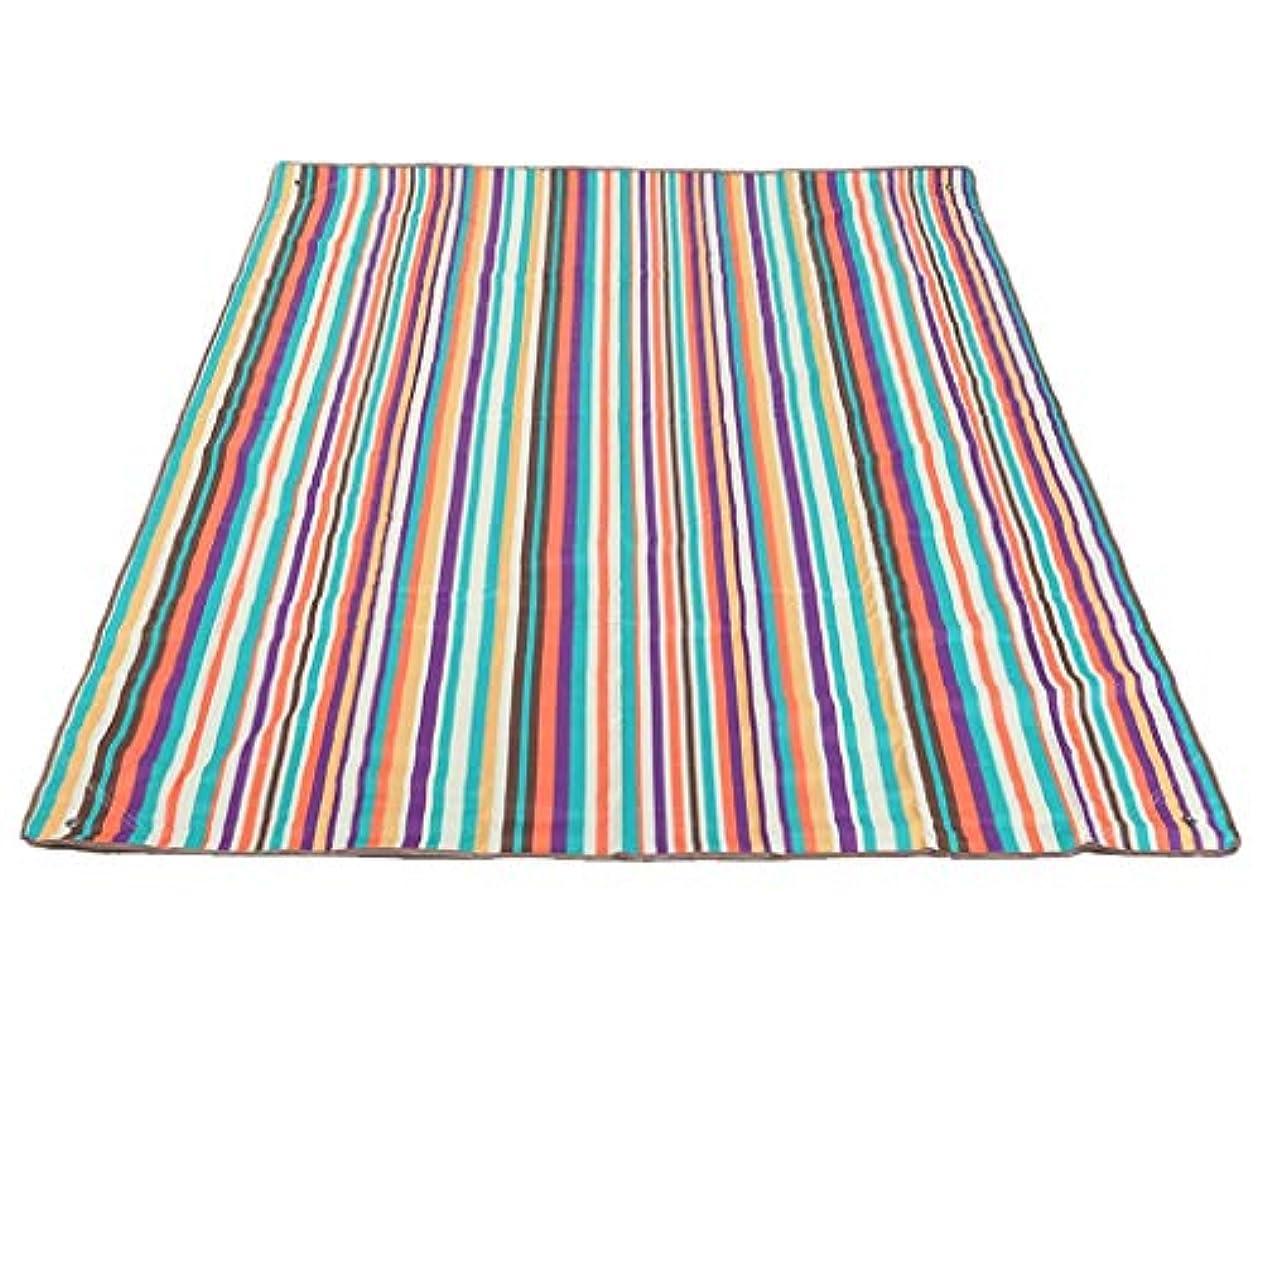 願望師匠ピクニックマット耐摩耗マットテントマット屋外防水オックスフォード布ビーチマット (Color : Color strip)